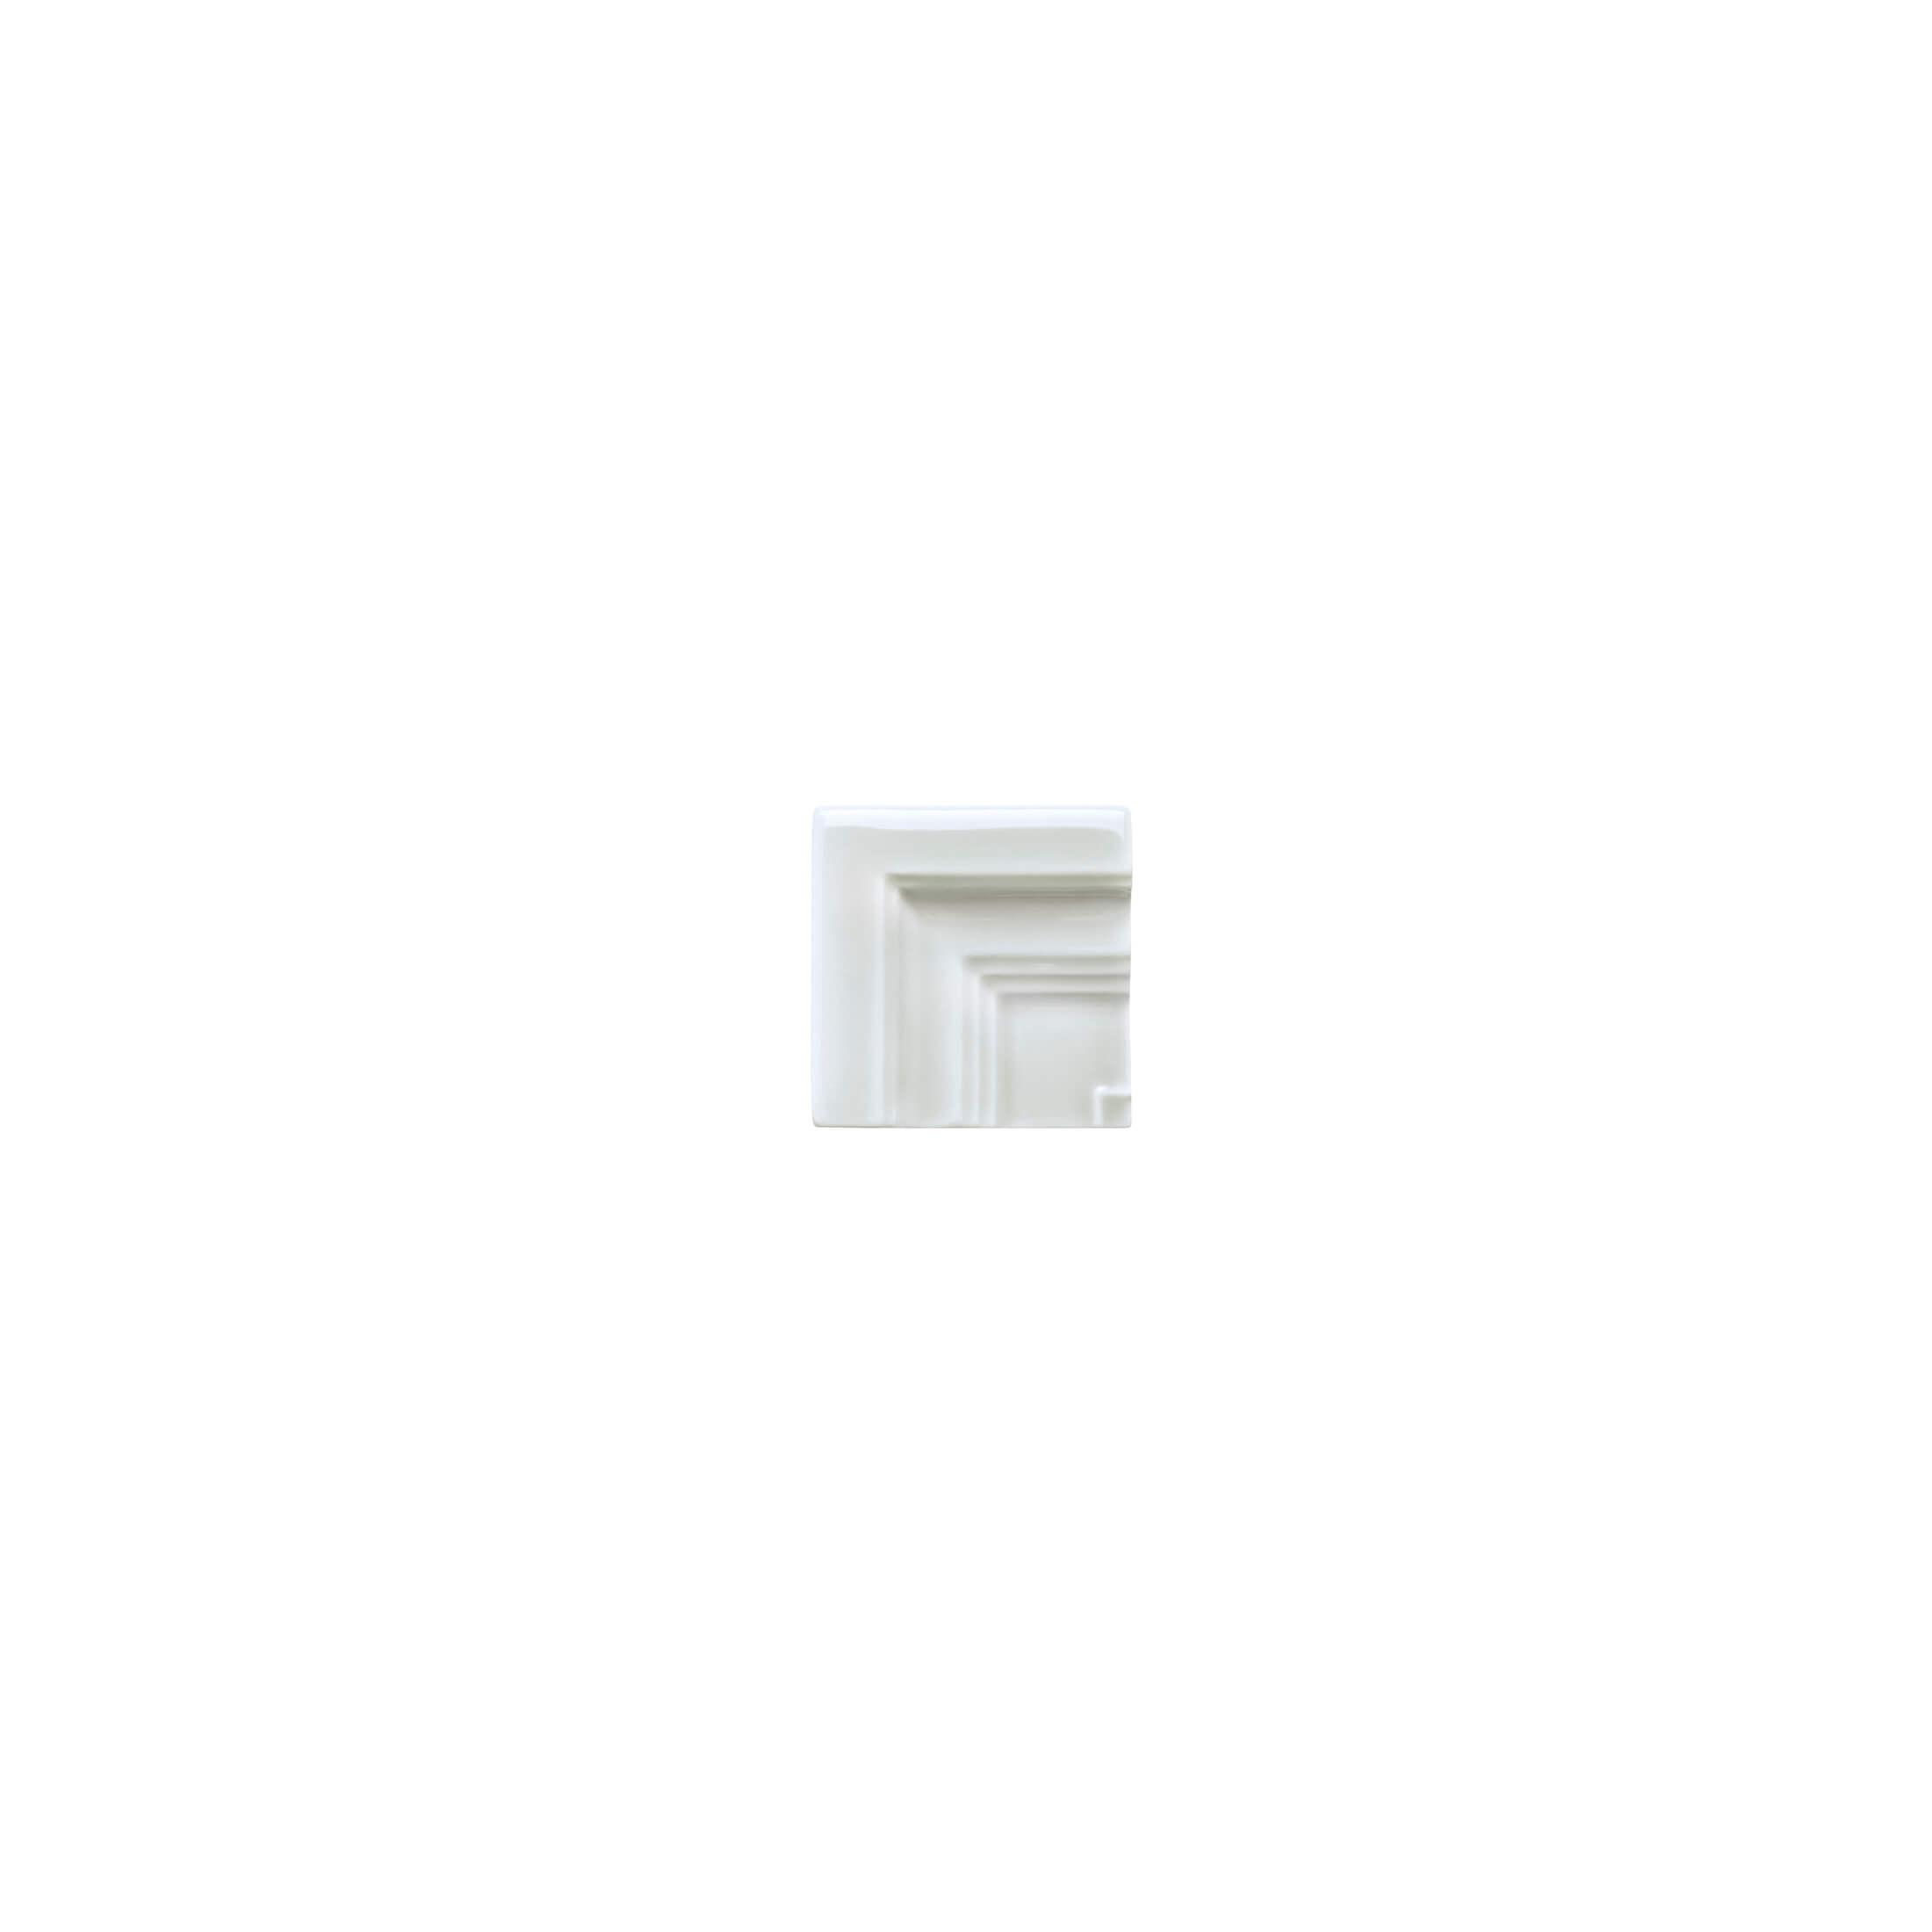 ADNE5478 - ANGULO MARCO CORNISACLASICA - 5 cm X 20 cm